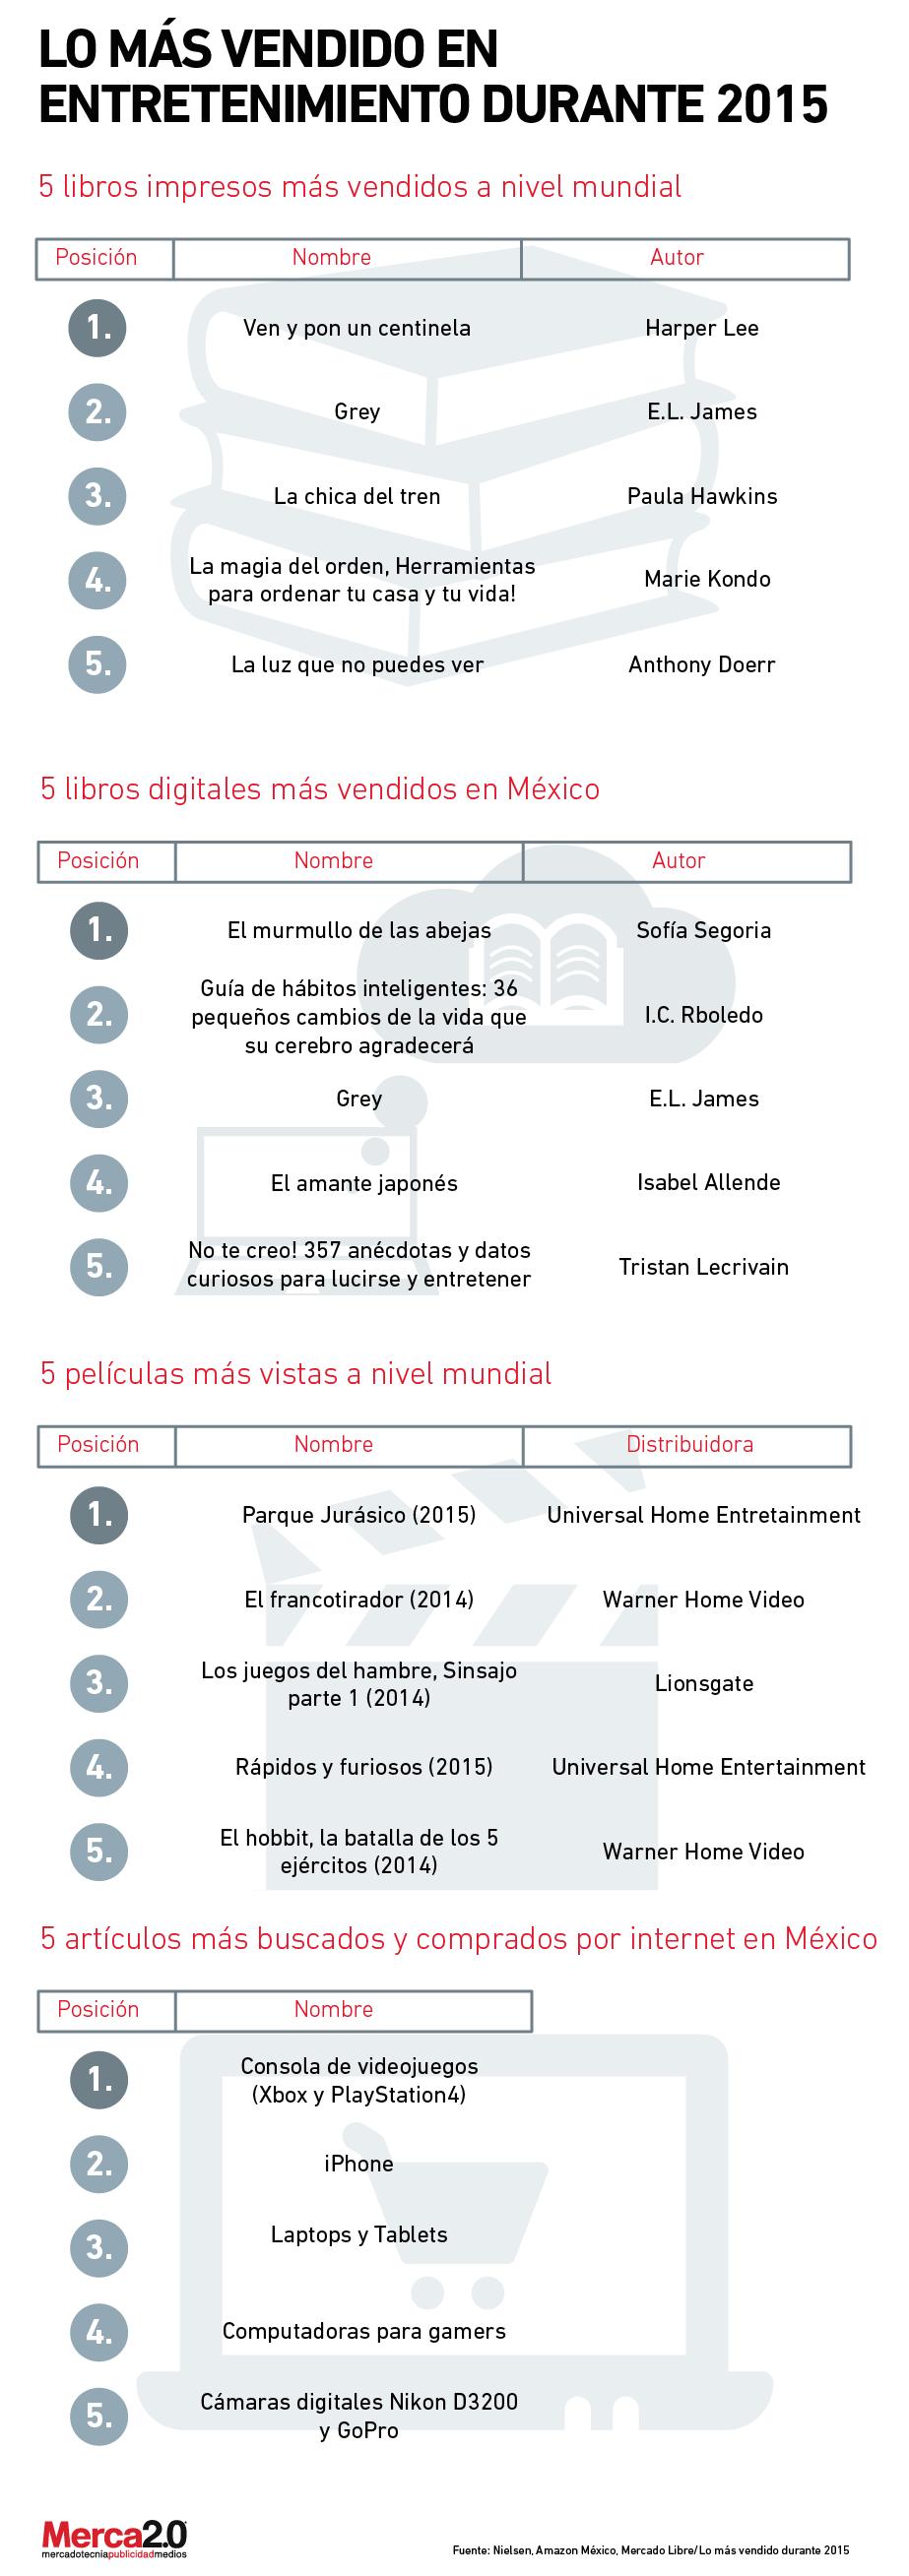 entretenimiento_2015-01